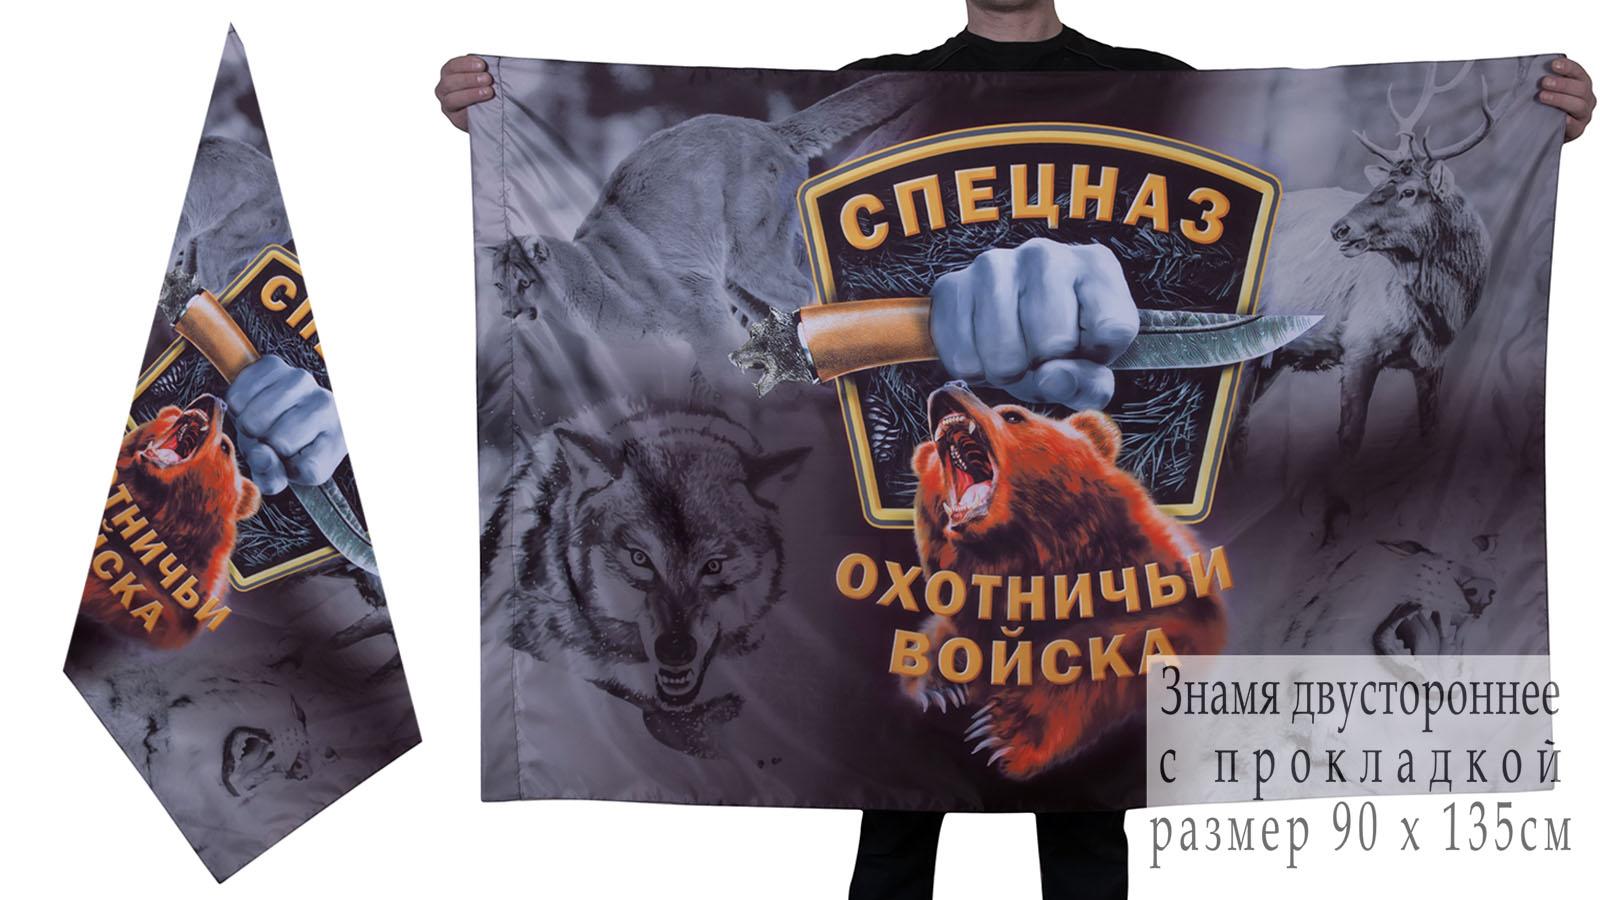 Флаг Охотничьего Спецназа